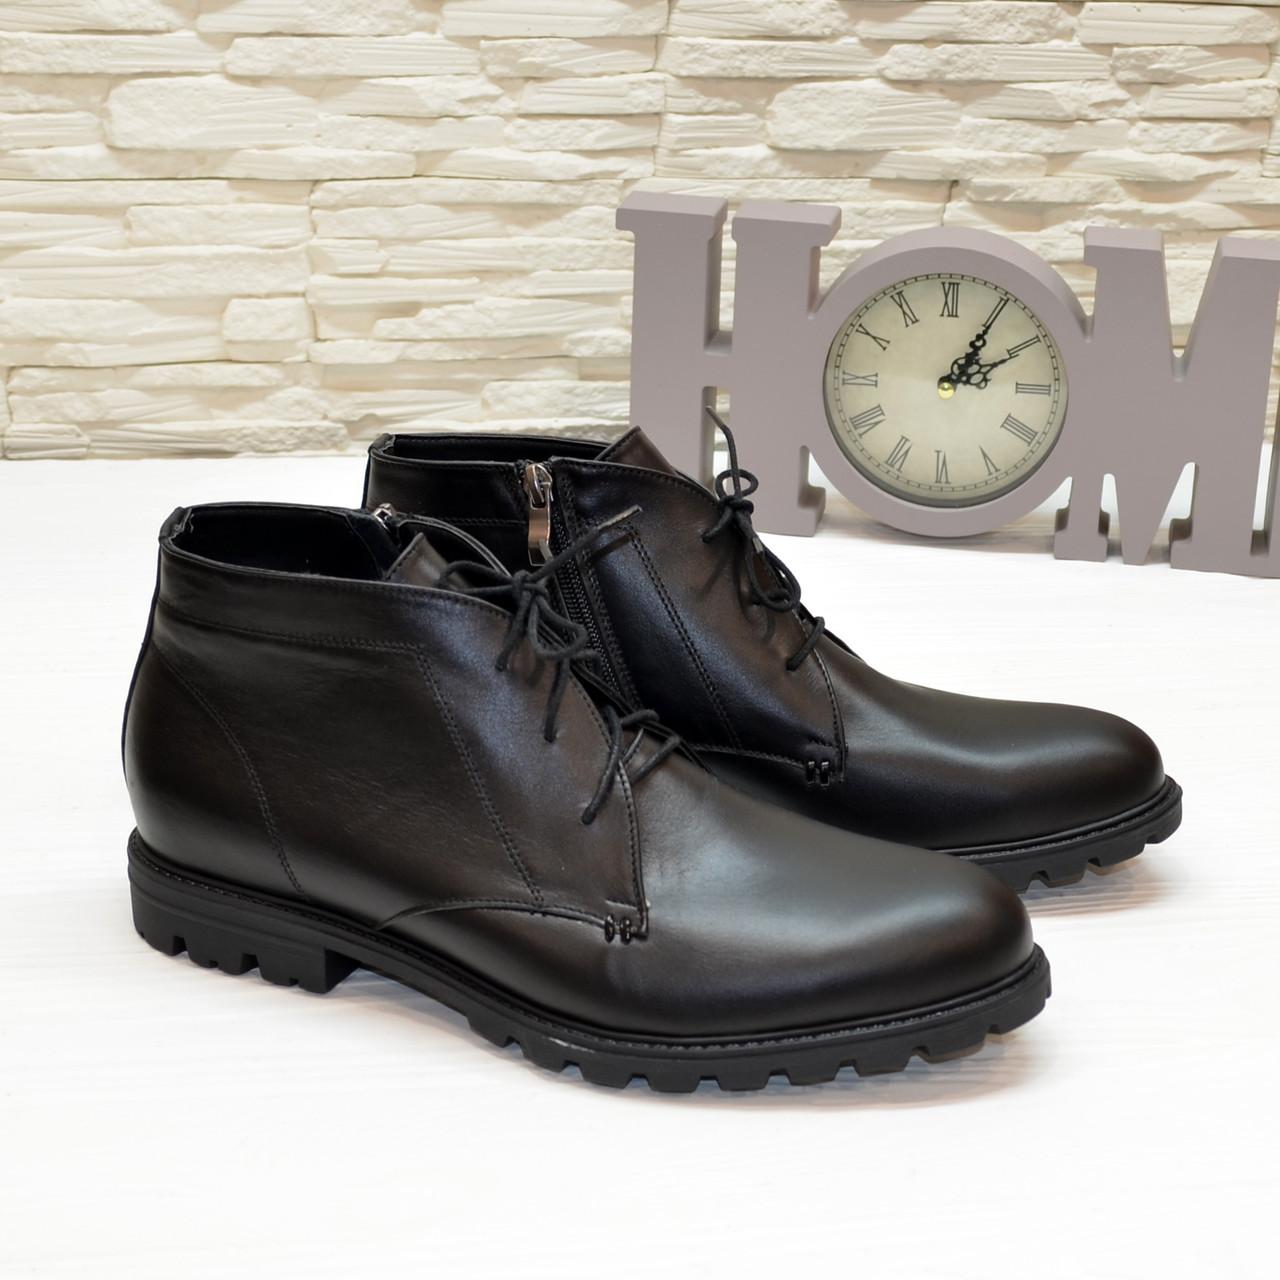 Черевики чоловічі на шнурках, натуральна шкіра чорного кольору